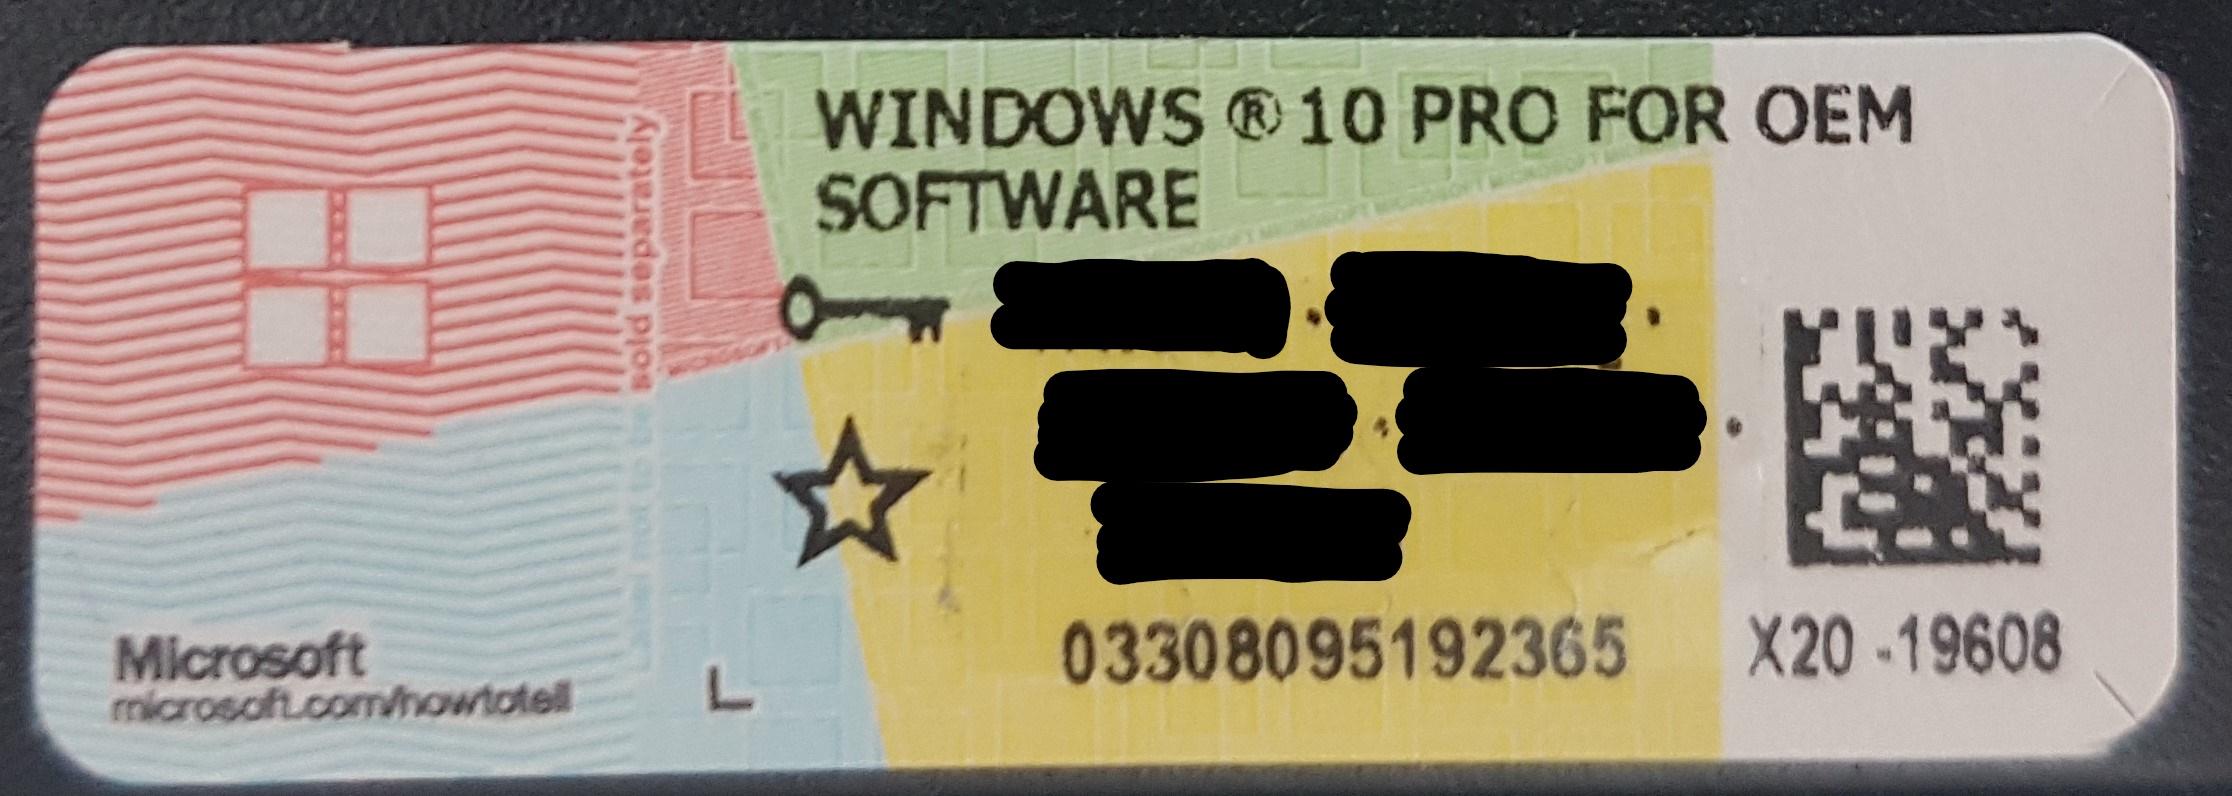 Фото Установка Лицензионной Windows 10 Pro 2